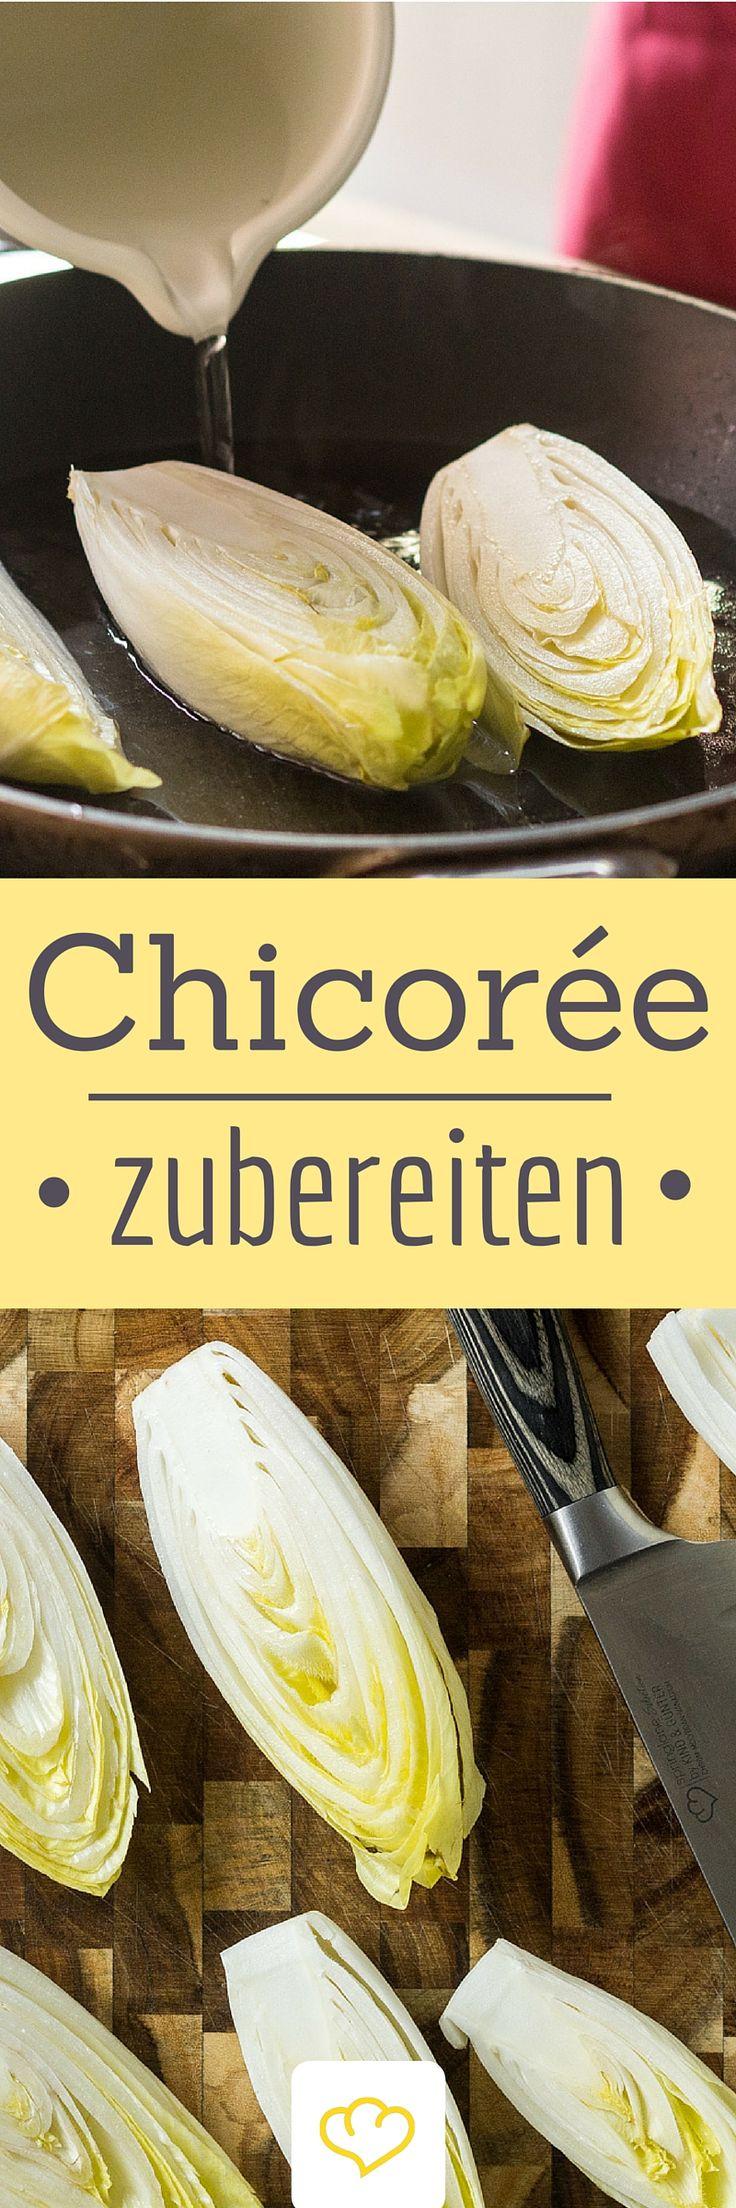 Die einen lieben Chicorée wegen seiner Bitterstoffe, die anderen lassen ihn genau deswegen links liegen. Wir haben die besten Tipps & Tricks für Chicorée zusammengetragen mit denen selbst die, die ihn bislang verschmäht haben, lieben werden!